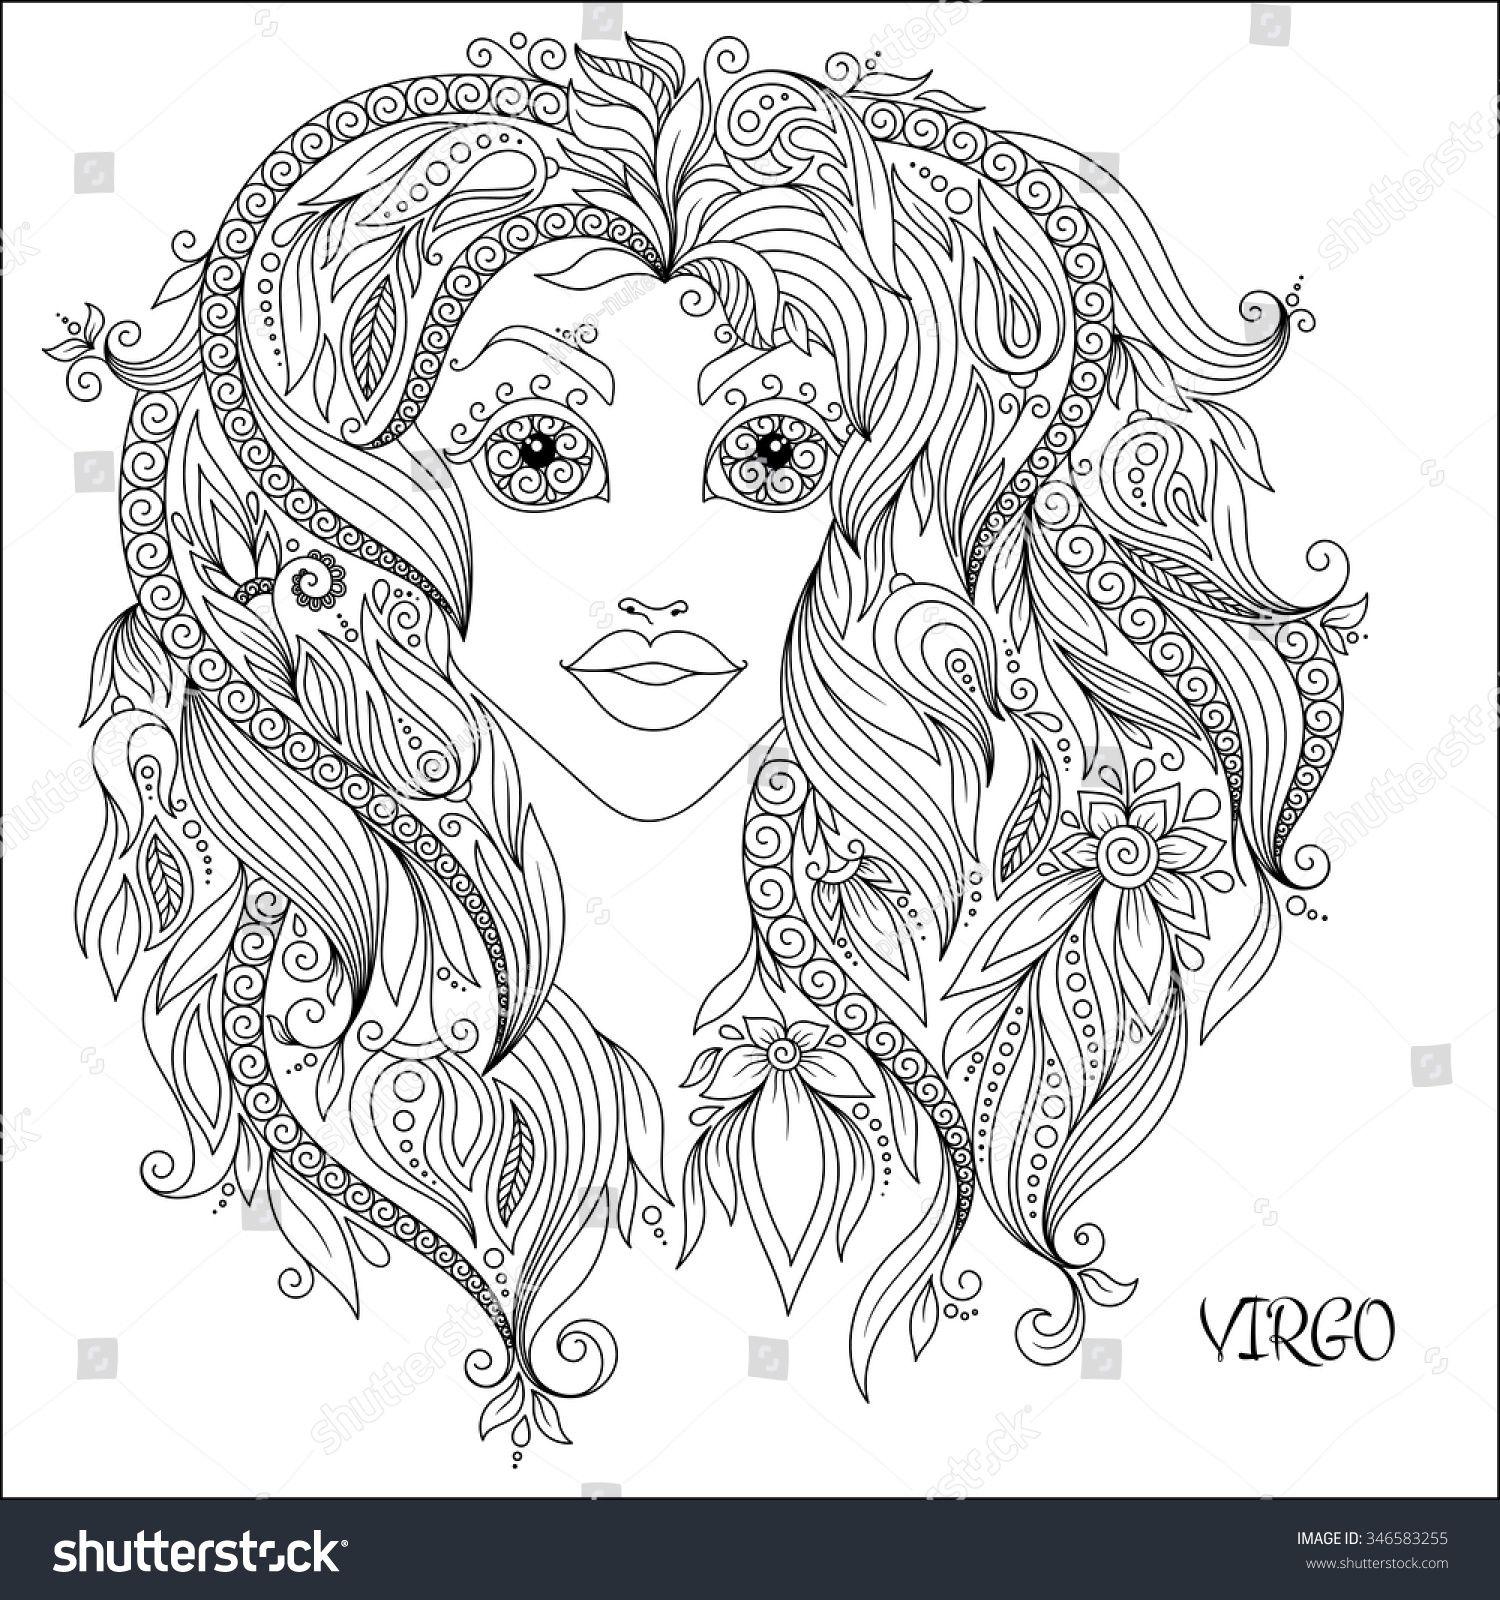 Zodiac Coloring Pages Yahoo Image Search Results Kleurboek Handen Tekenen Kunstbloemen